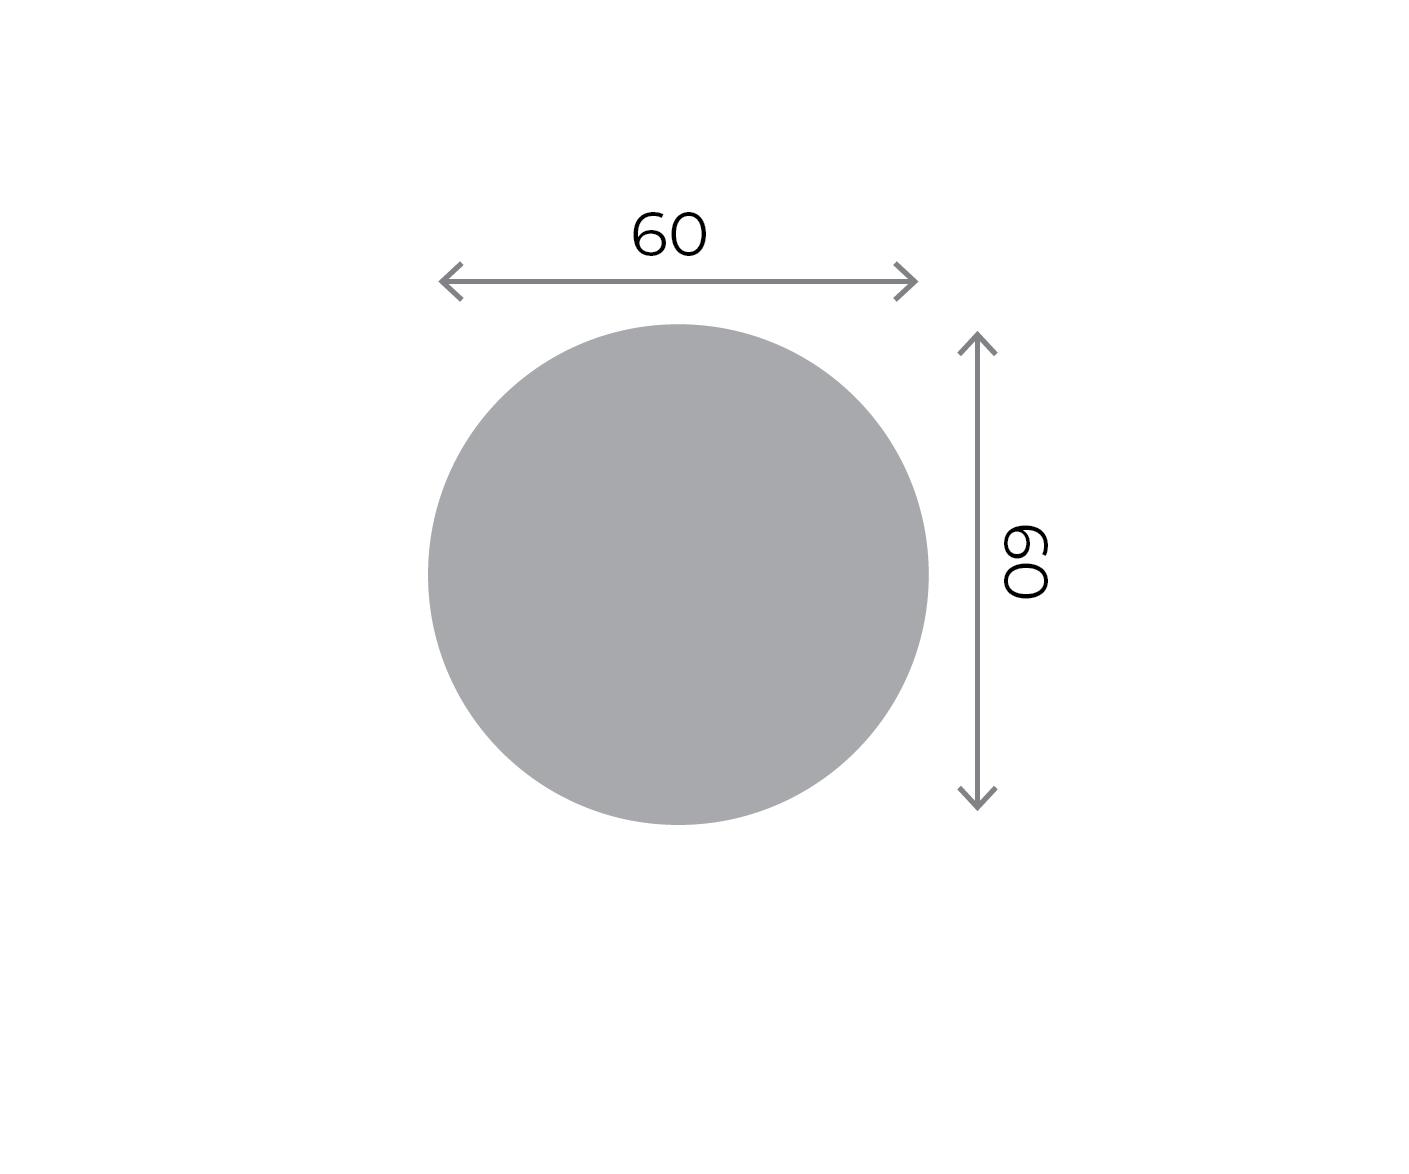 Round Stickers - 60x60mm Round 60x60mm 01 Image